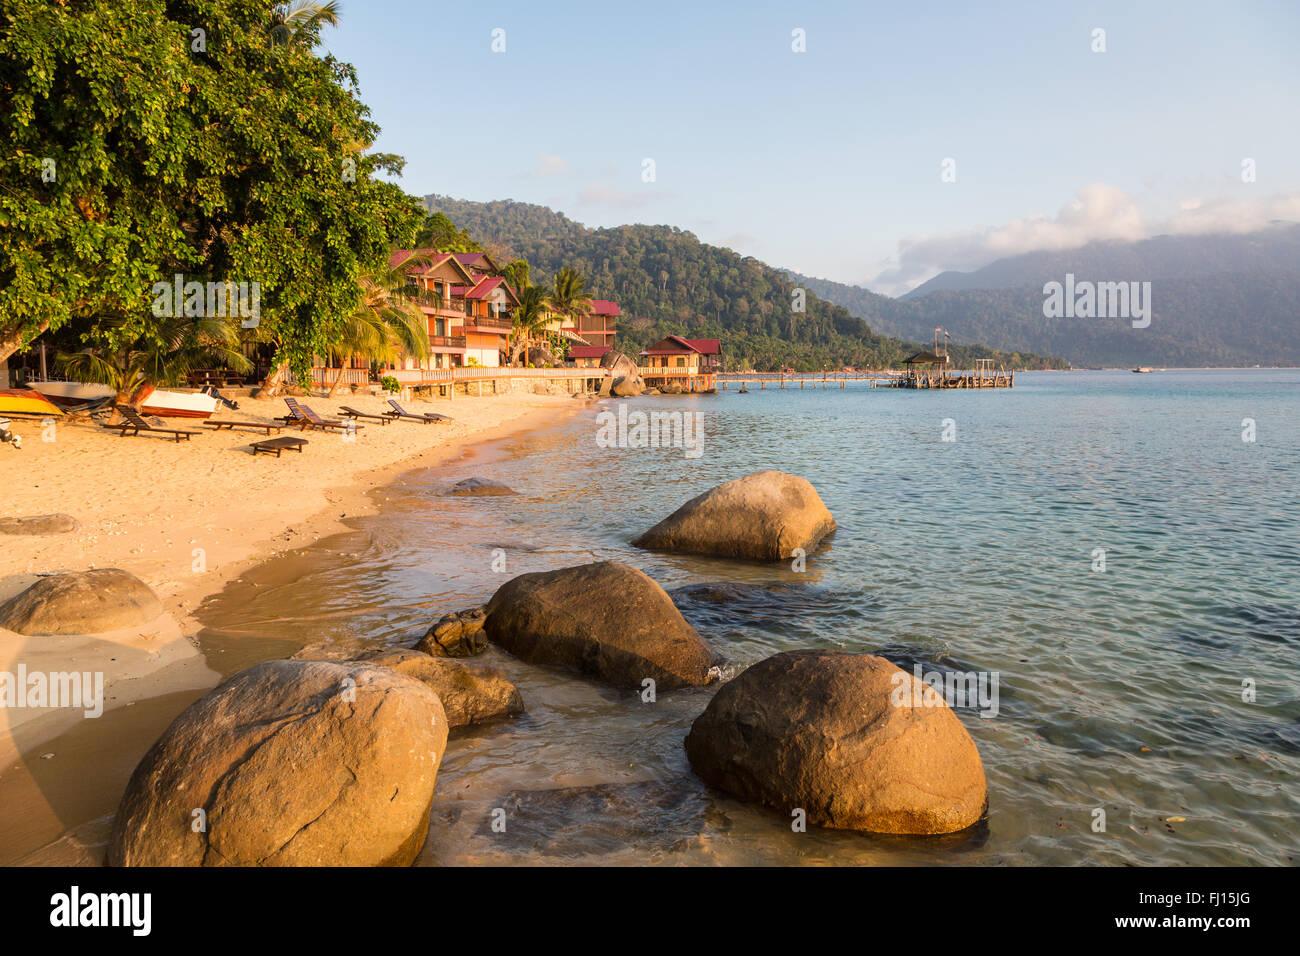 Sillas sobre una larga playa en Pulau Tioman, Malasia Imagen De Stock